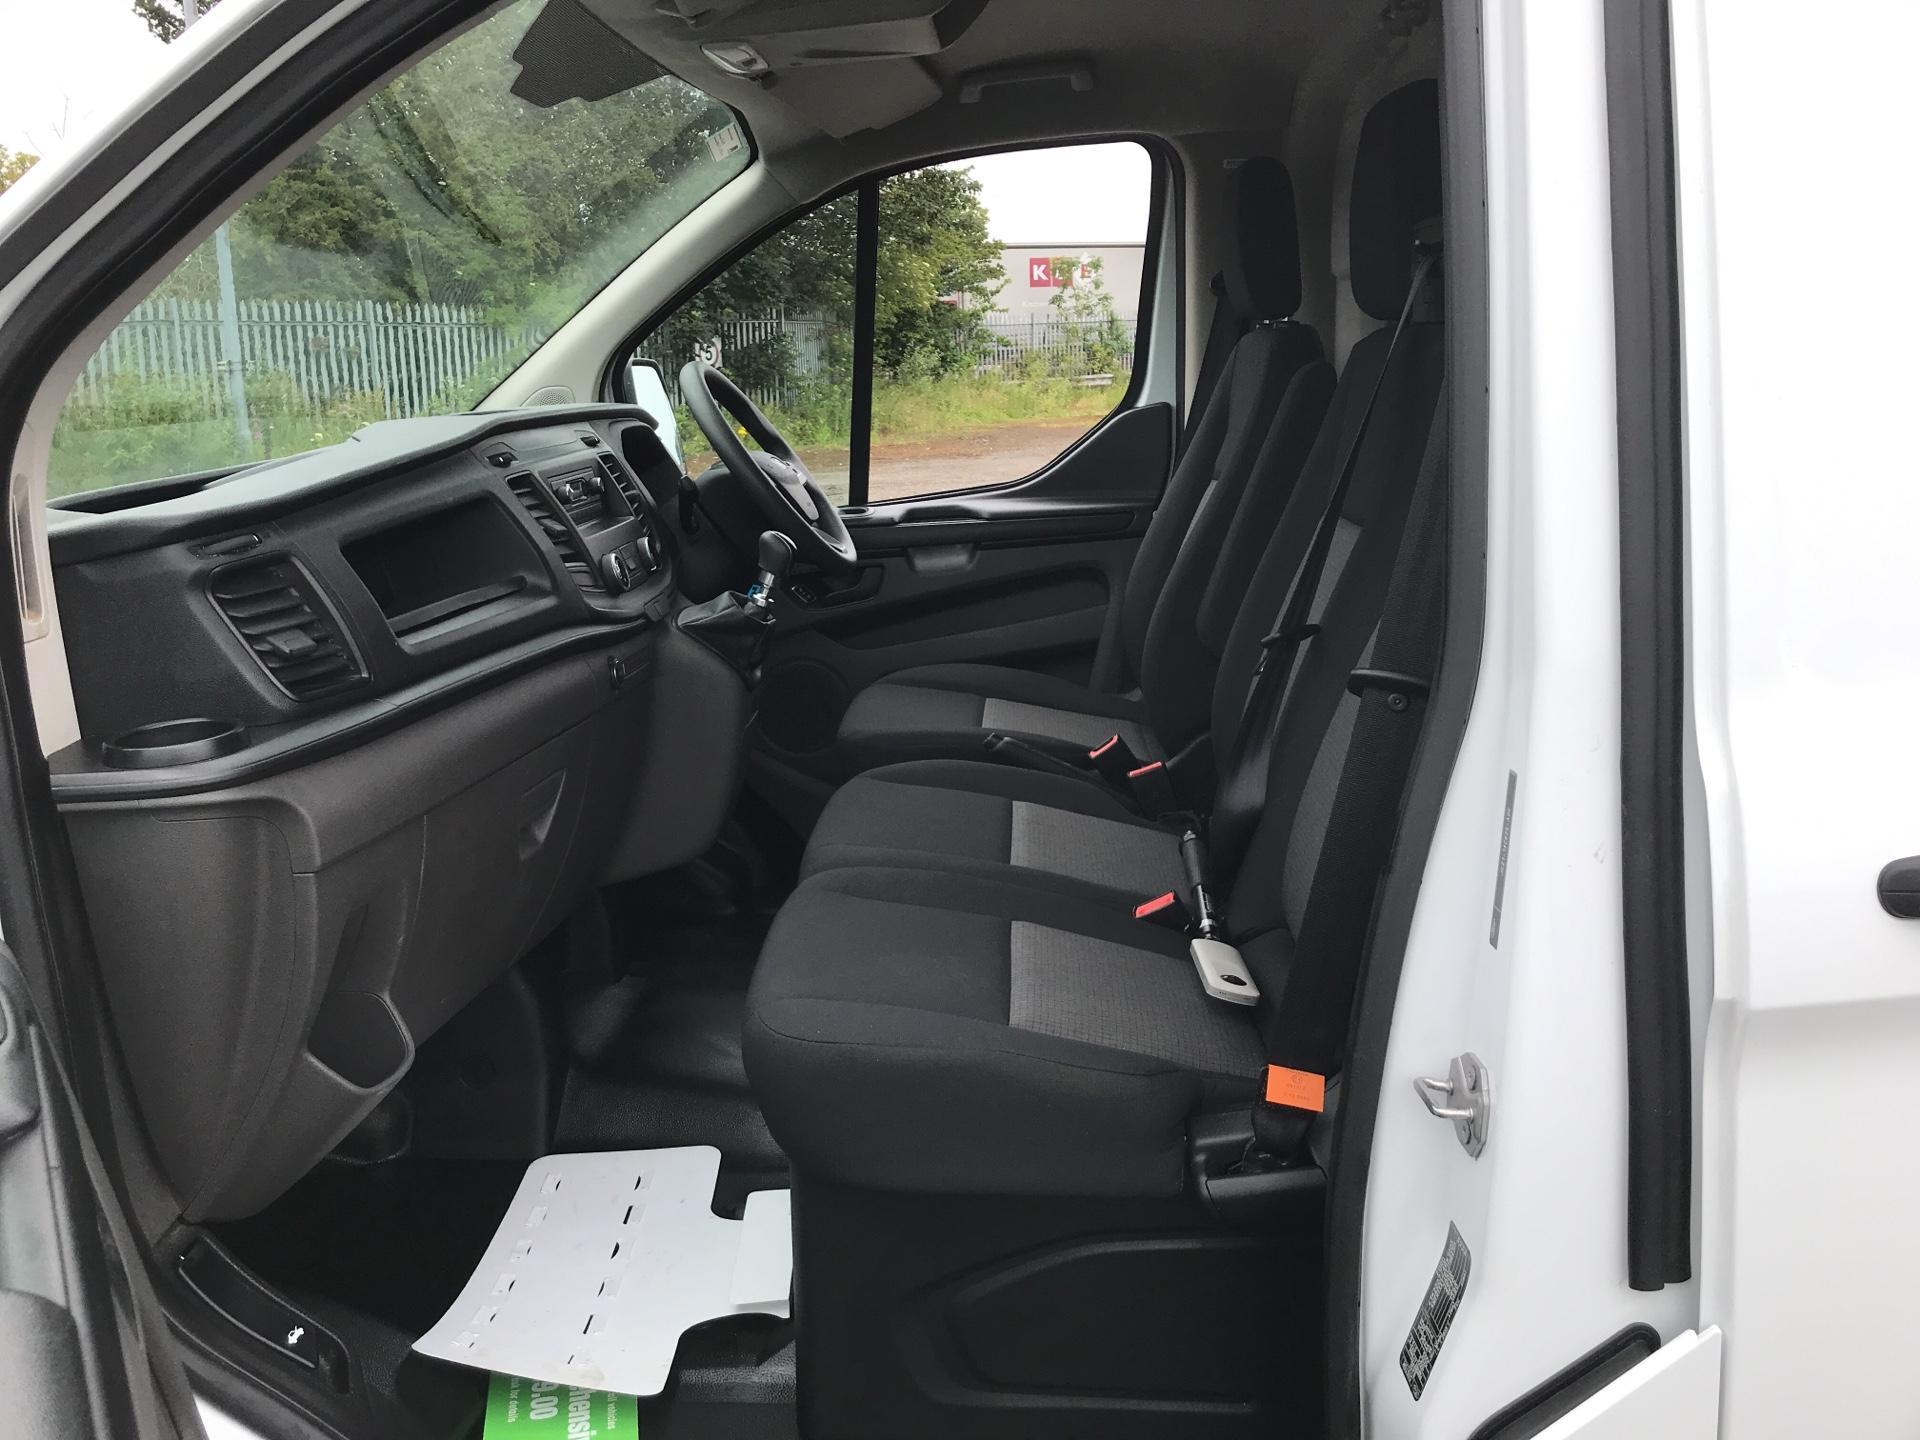 2018 Ford Transit Custom 300 L1 H1  2.0 TDI 105Ps  (BT18JXH) Image 14